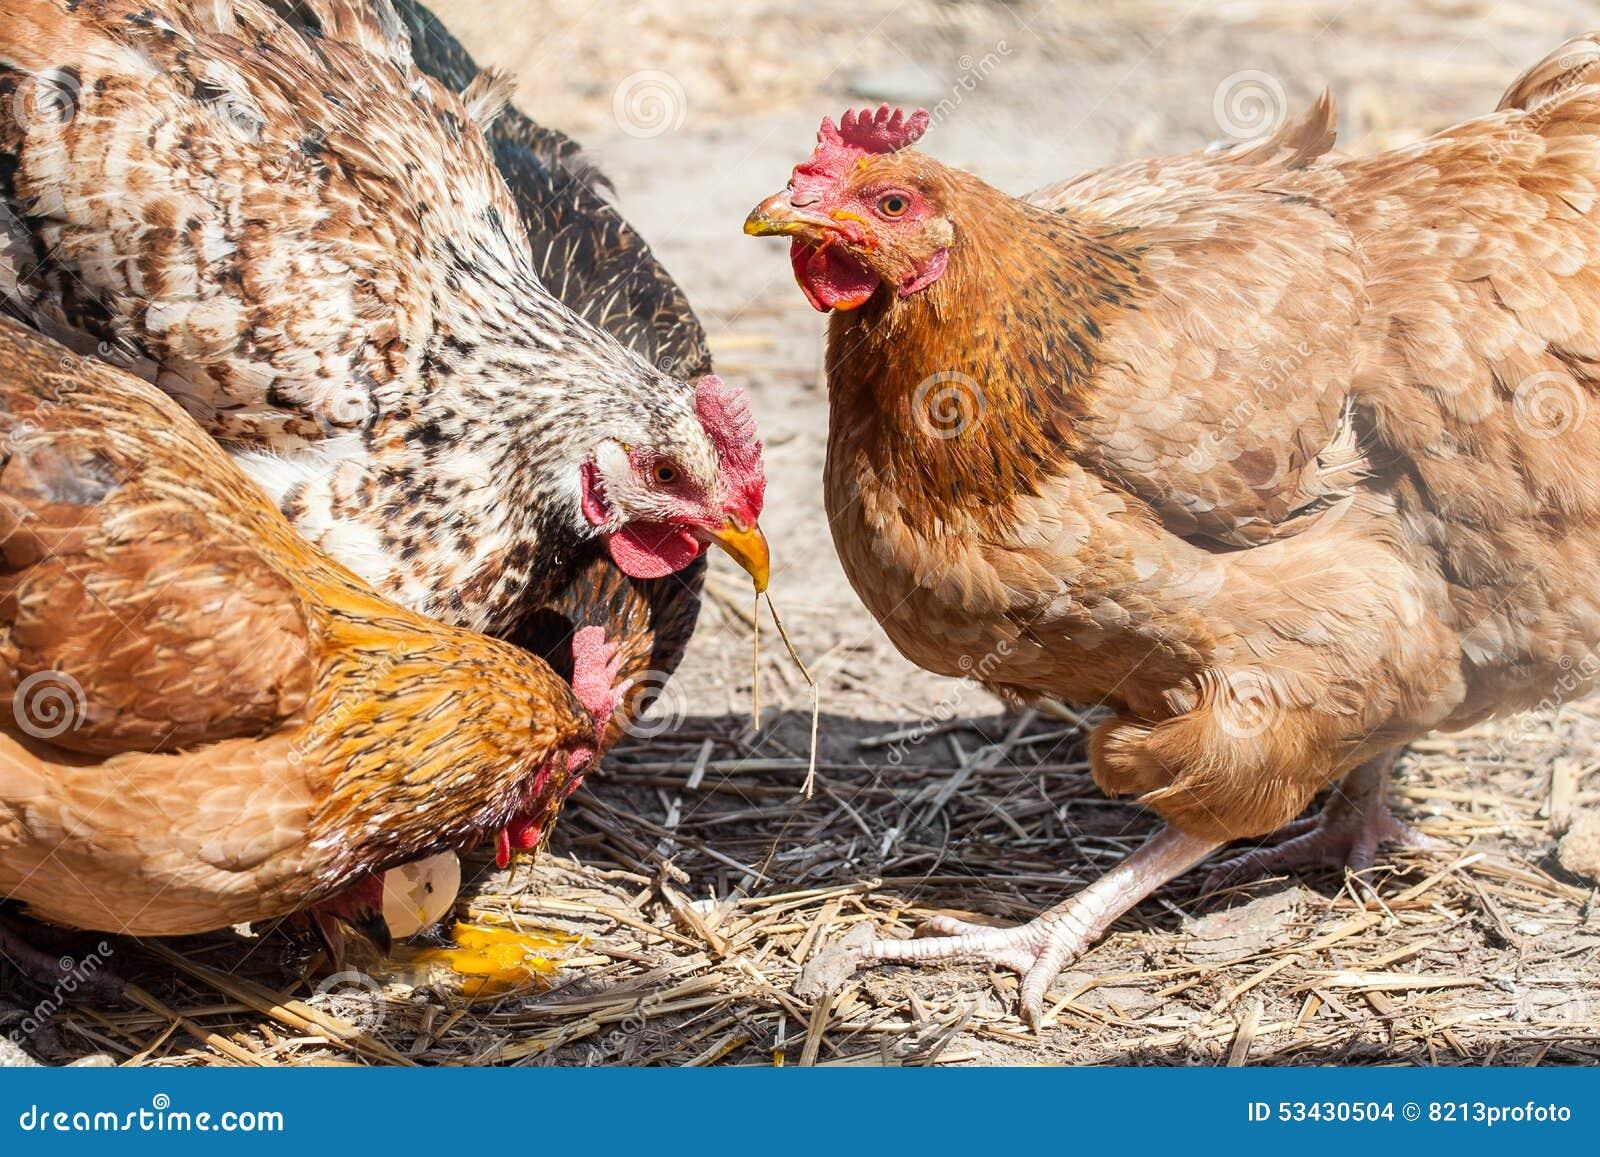 Poules Gratuites De Ferme De Gamme Photo Stock Image Du Feathered